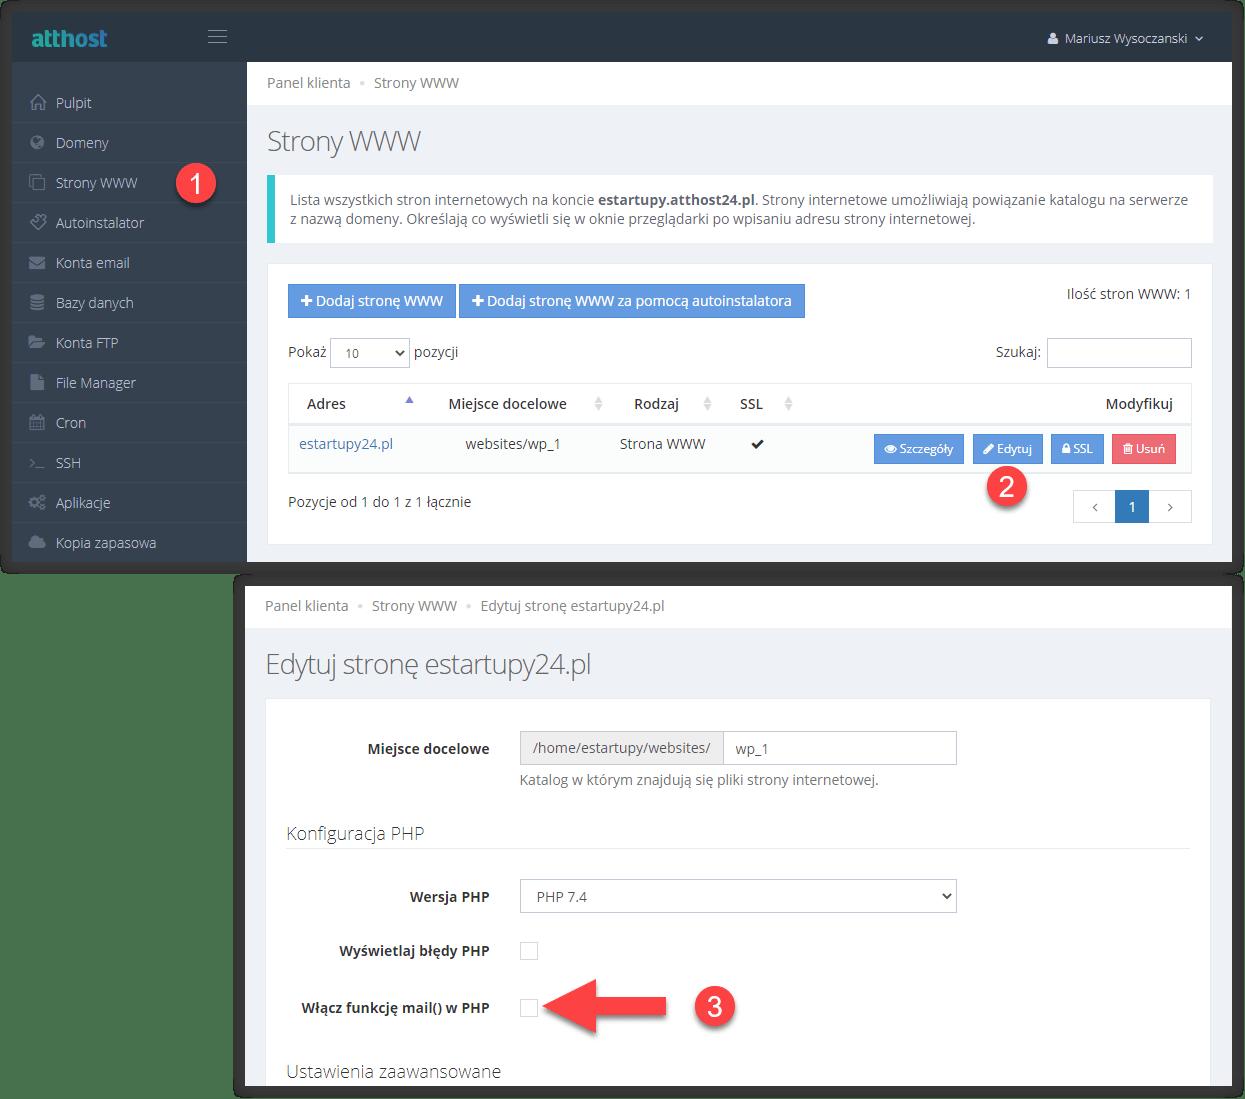 Jak włączyć funkcję mail() na hostingu atthost, gdy WordPress nie wysyła maili z formularza kontaktowego.